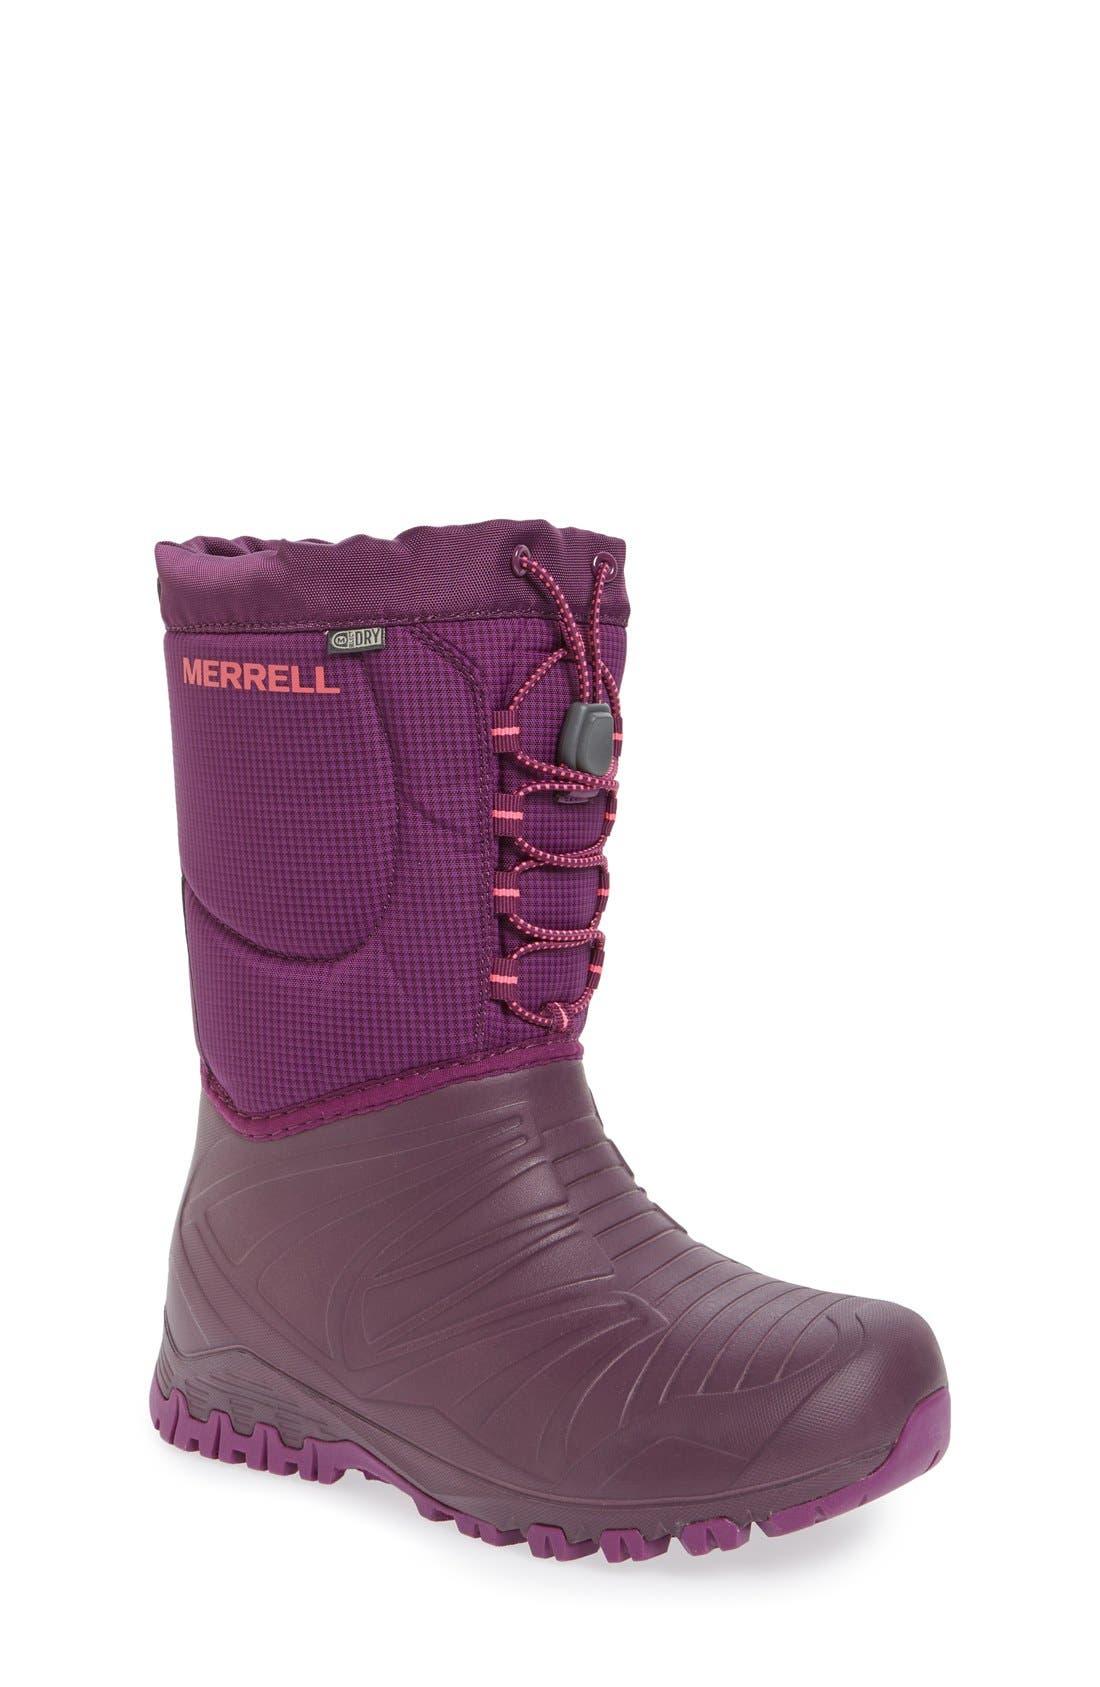 MERRELL Snow Quest Waterproof Boot